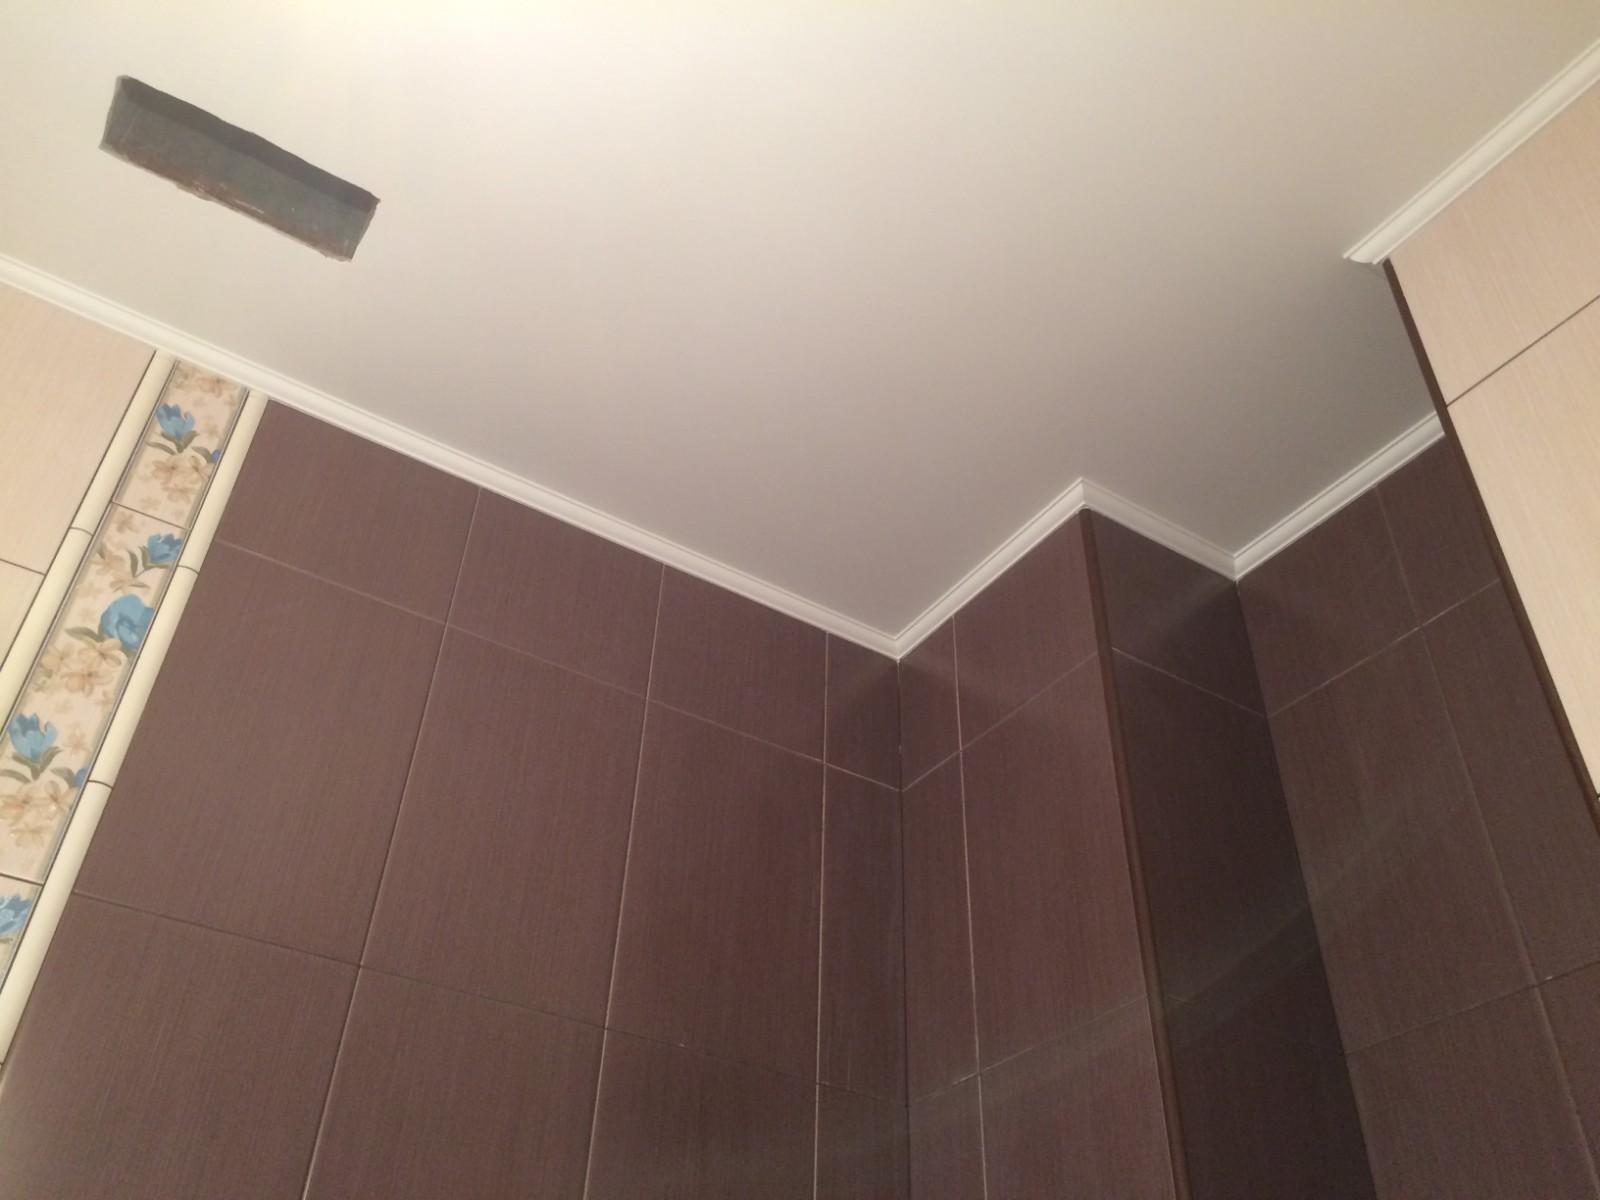 Toilet-corner